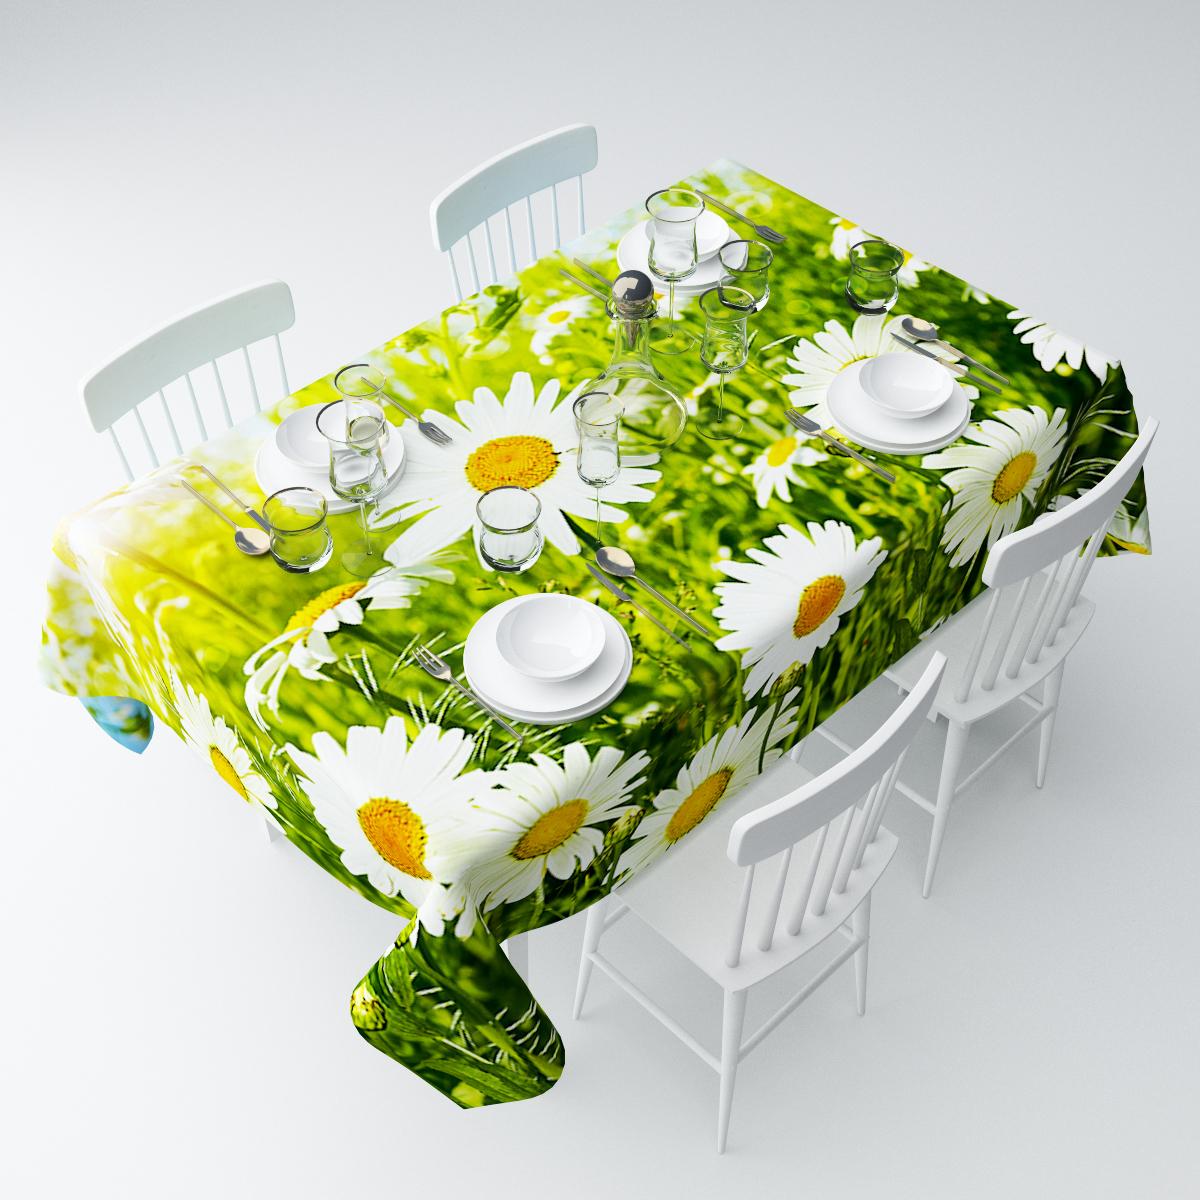 Скатерть Сирень Ромашки в зелени, прямоугольная, 145 х 220 смСКГБ004-08385Прямоугольная скатерть Ромашки в зелени с ярким и объемным рисунком, выполненная из габардина, преобразит вашу кухню, визуально расширит пространство, создаст атмосферу радости и комфорта. Рекомендации по уходу: стирка при 30 градусах, гладить при температуре до 110 градусов. Размер скатерти: 145 х 220 см.Изображение может немного отличаться от реального.